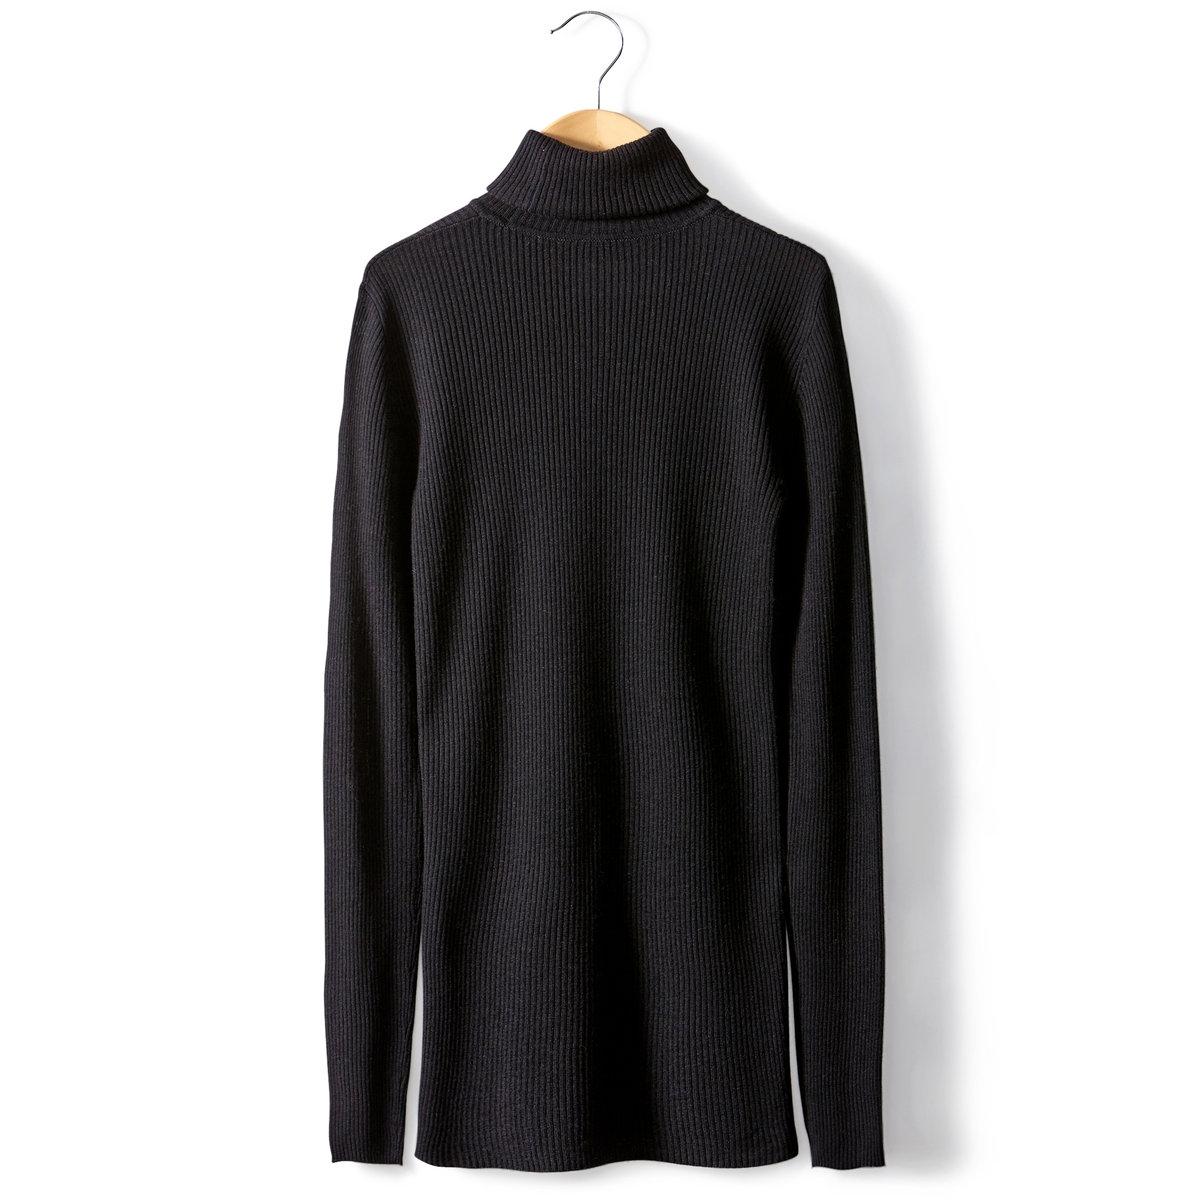 Пуловер-водолазка трикотажныйПуловер-водолазка. Трикотаж: 50% вискозы, 40% акрила, 10% мериносовой шерсти. Длинные рукава. Длина 68 см.<br><br>Цвет: слоновая кость,черный<br>Размер: 46/48 (FR) - 52/54 (RUS)